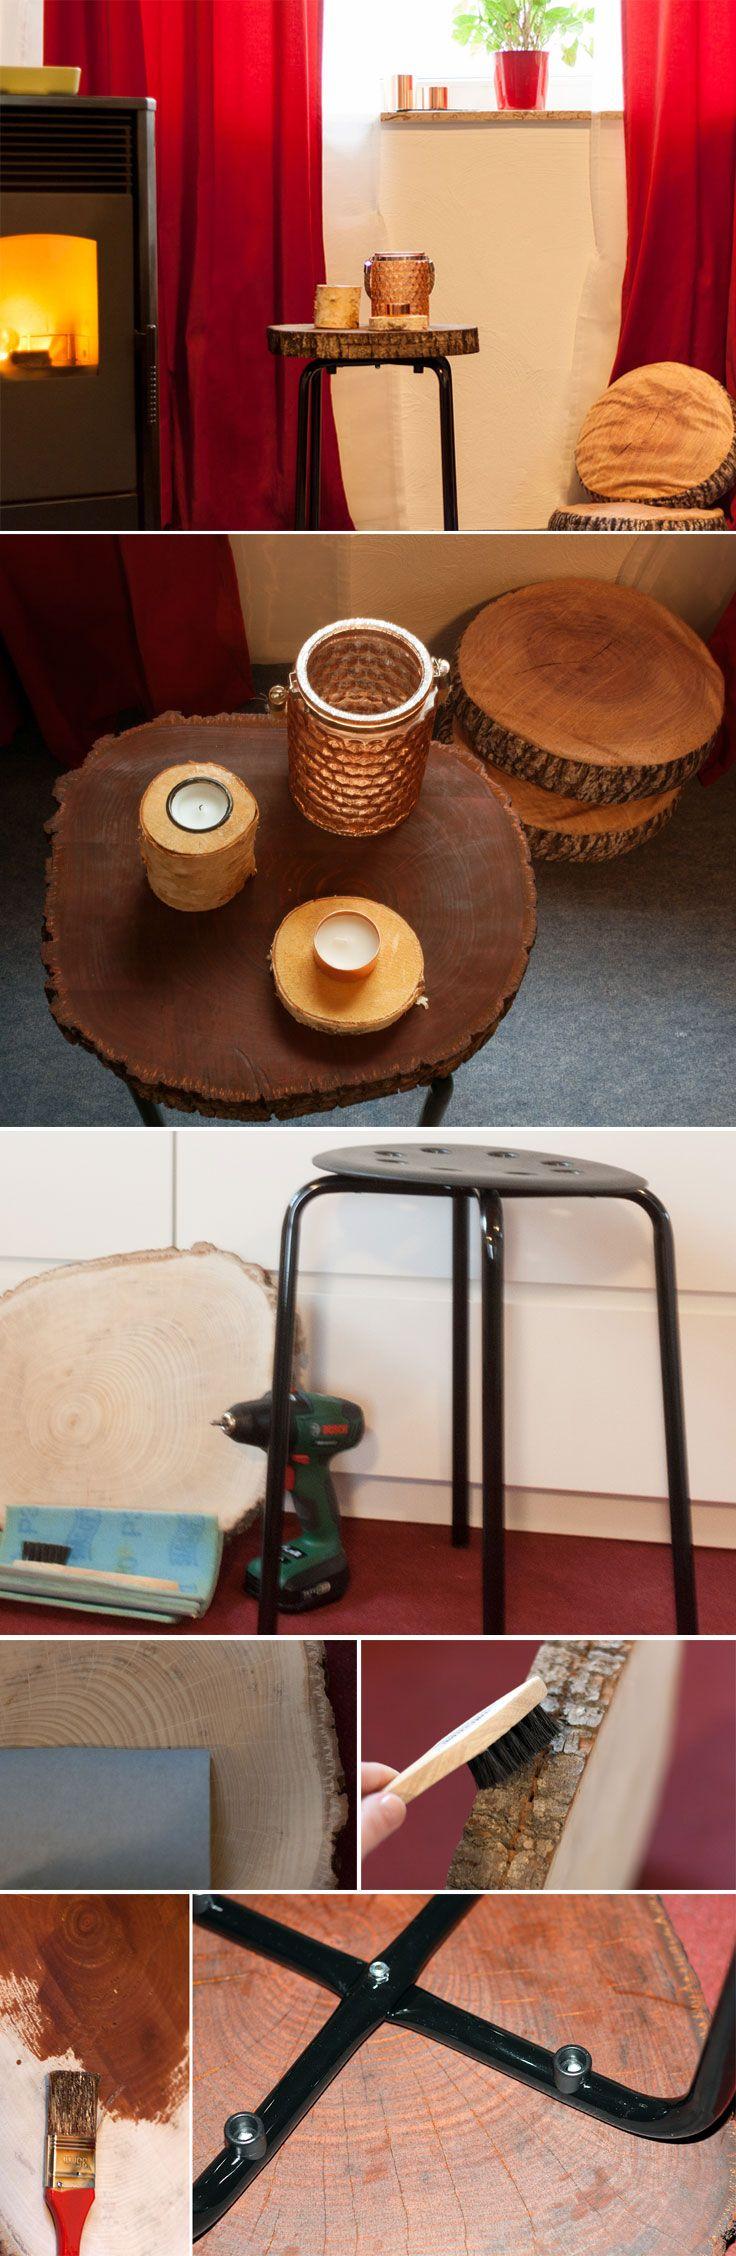 DIY Beistelltisch aus Holz #Ikeahack #apartmentdiy